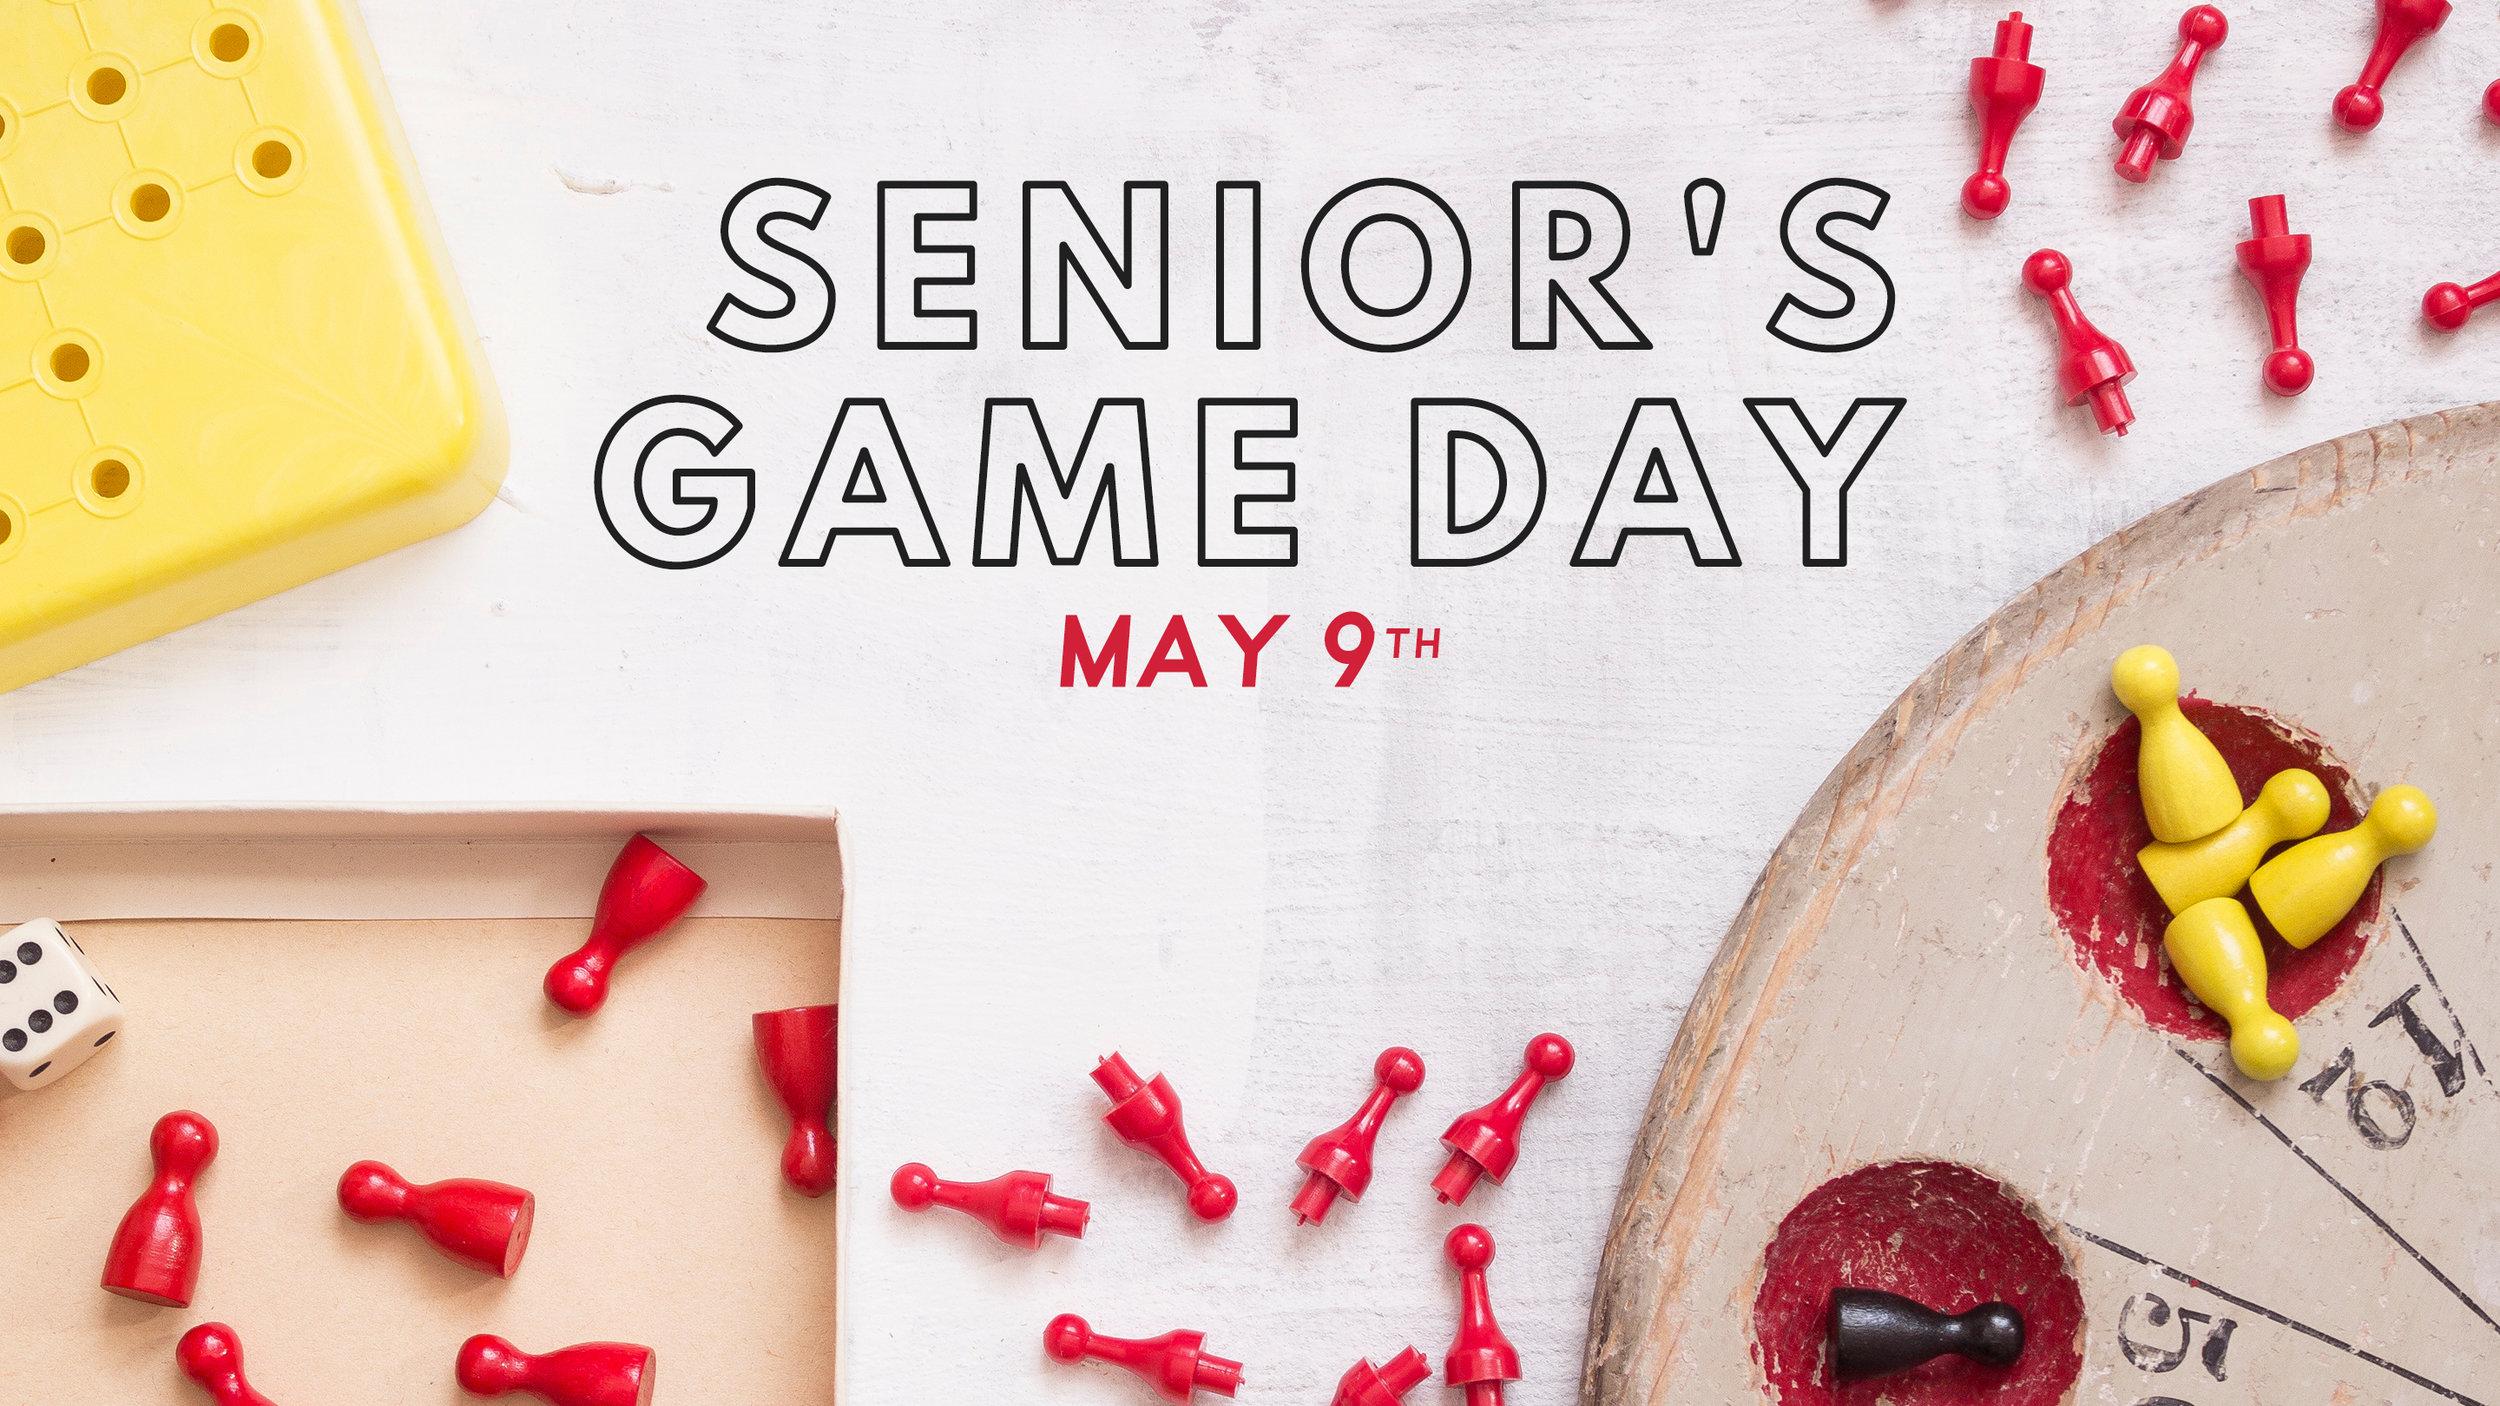 Seniors_Game_Day.jpg